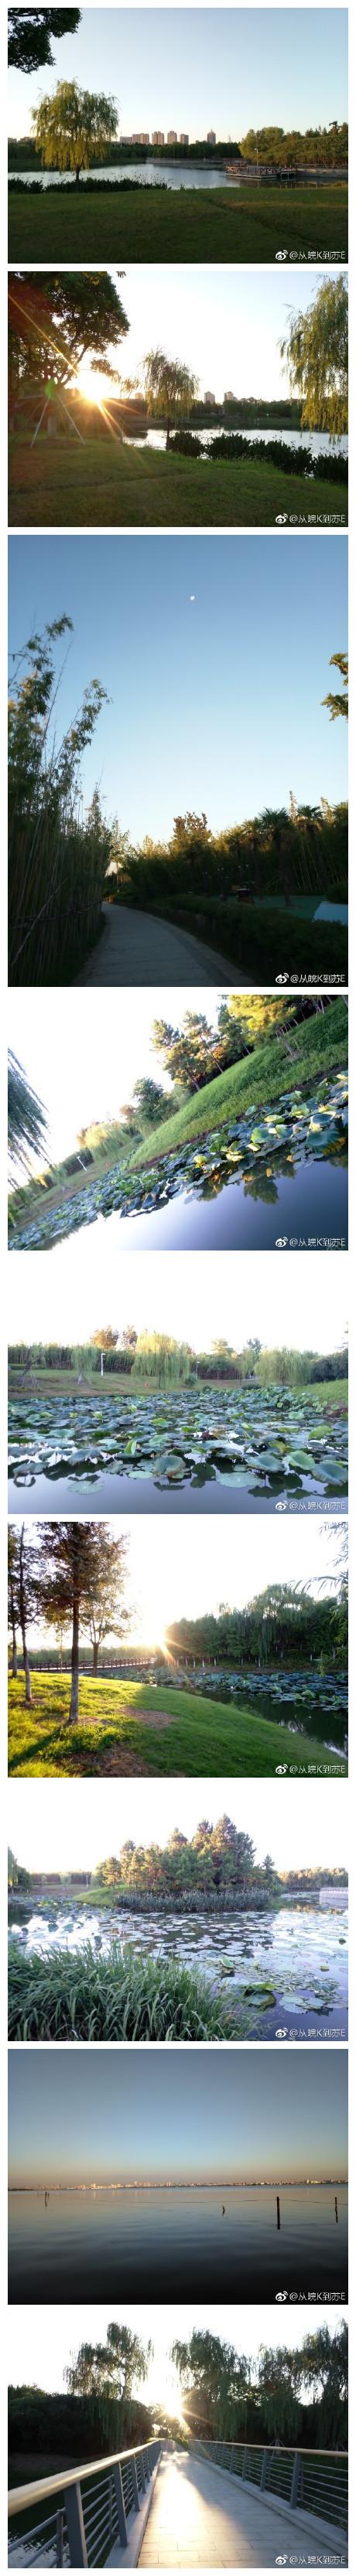 一草一花 一树一木 走过了春秋冬夏 清晨一缕阳光 唤醒了沉睡的心灵 映红了平静的湖面 【晨跑随拍阳澄湖生态体育公园】 